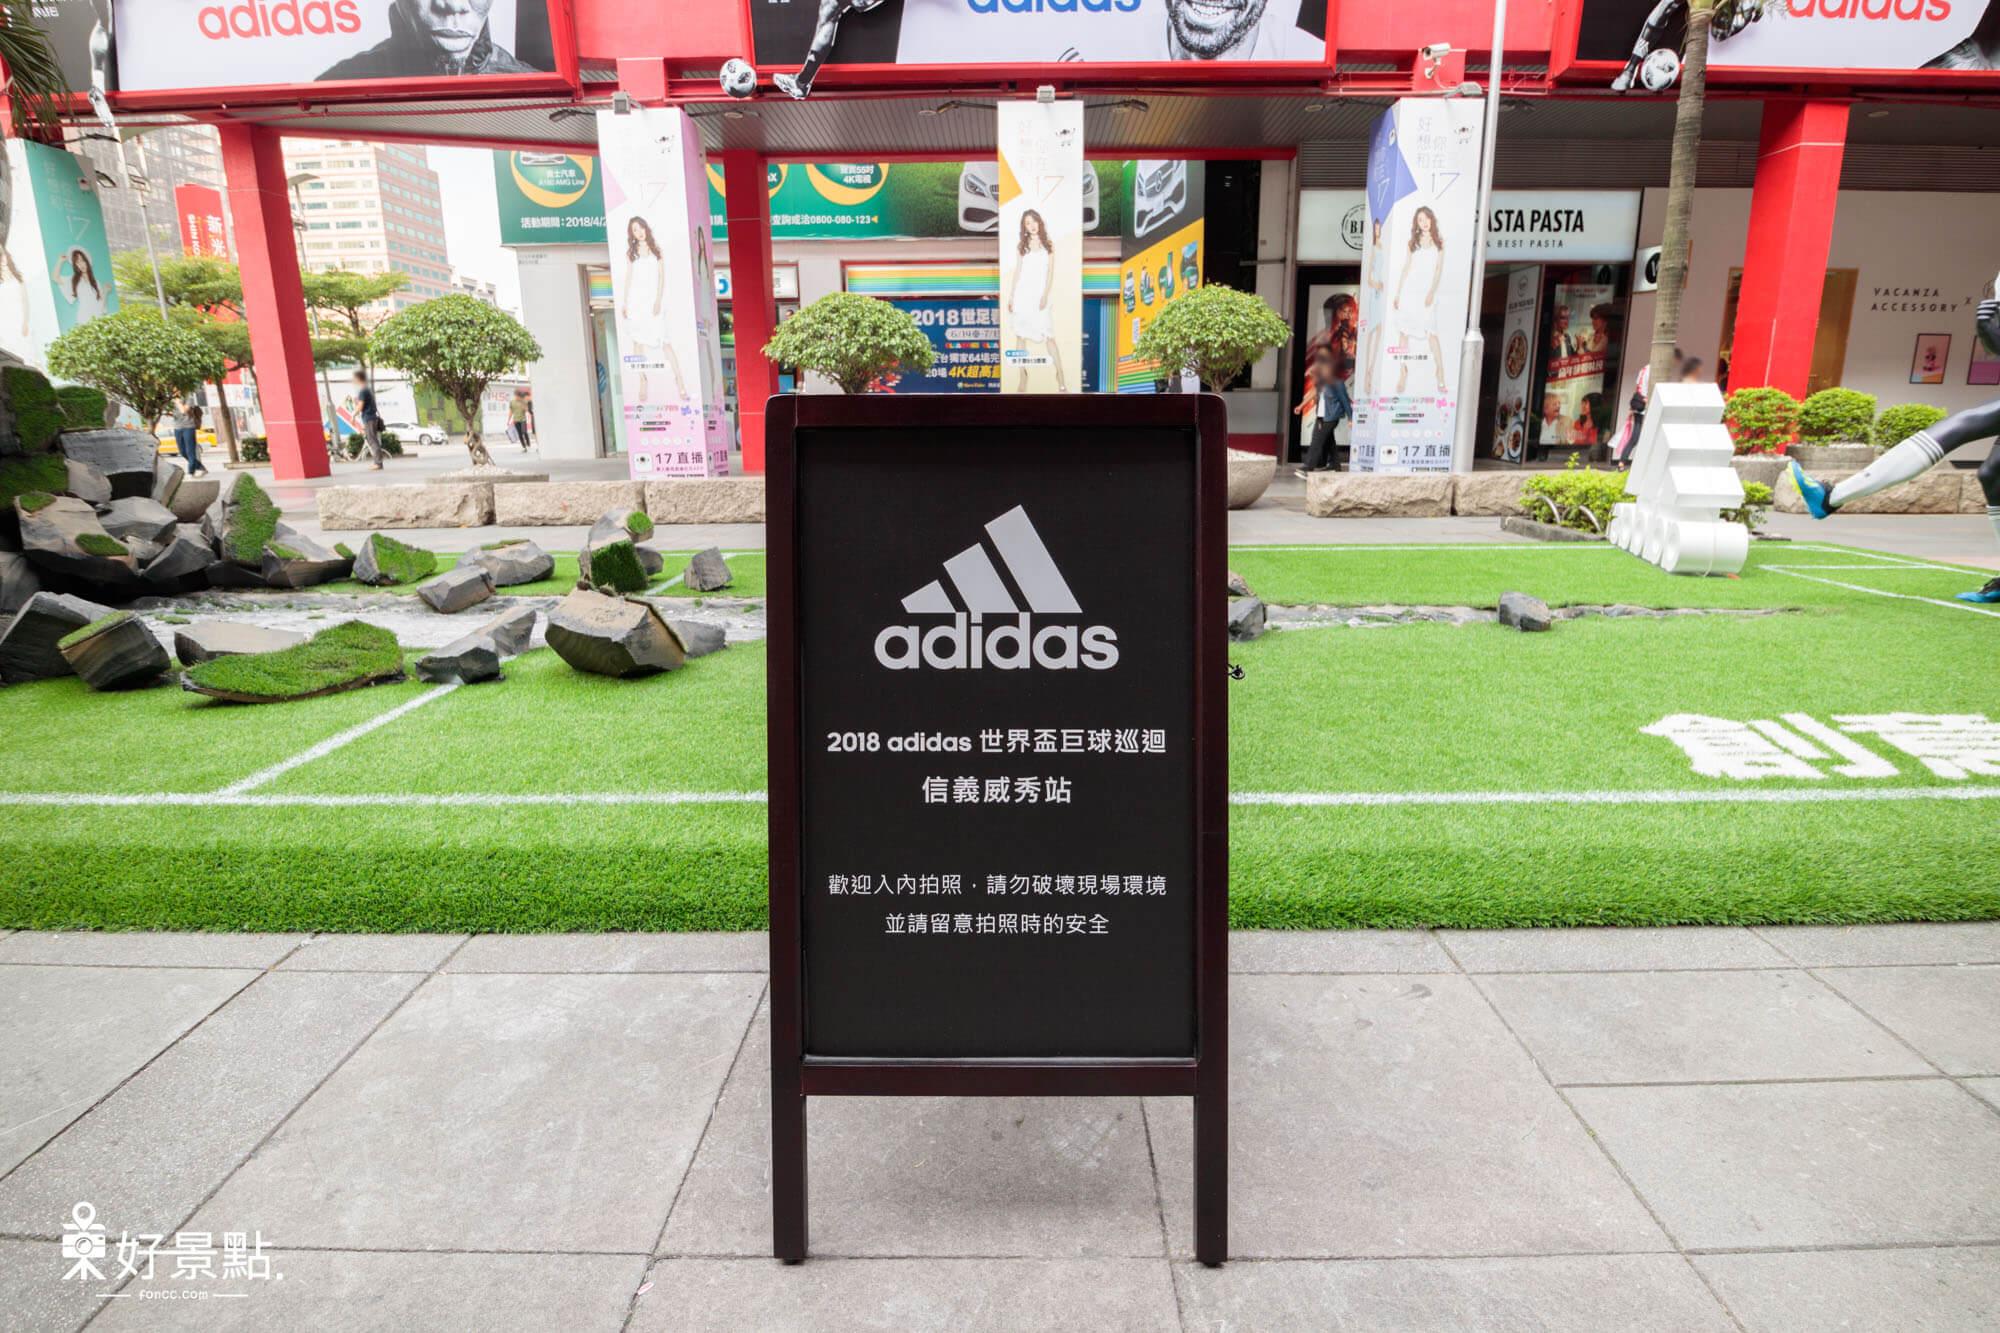 2018 adidas 世界盃巨球巡迴信義威秀站